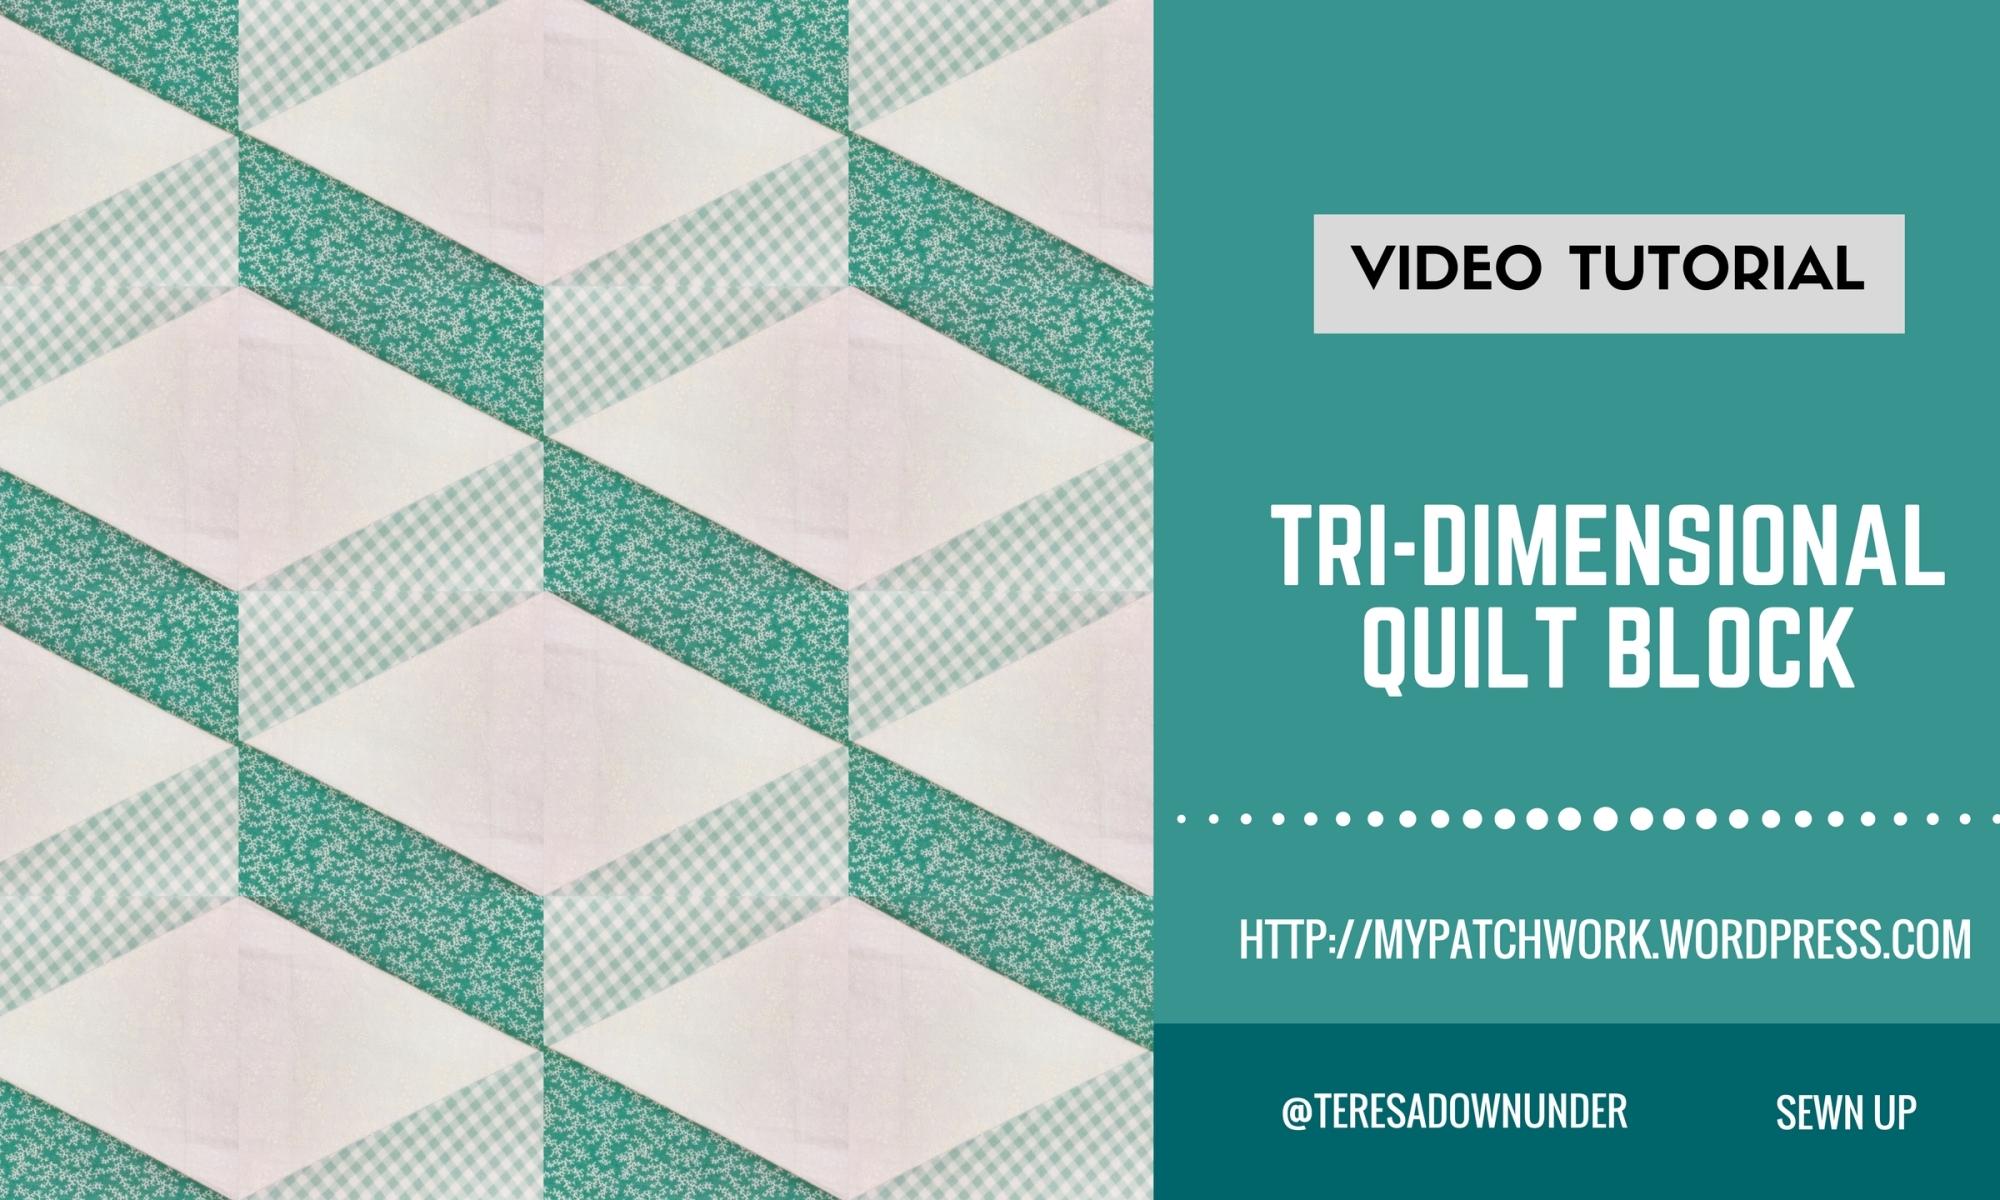 Video tutorial: Tri-dimensional quilt block